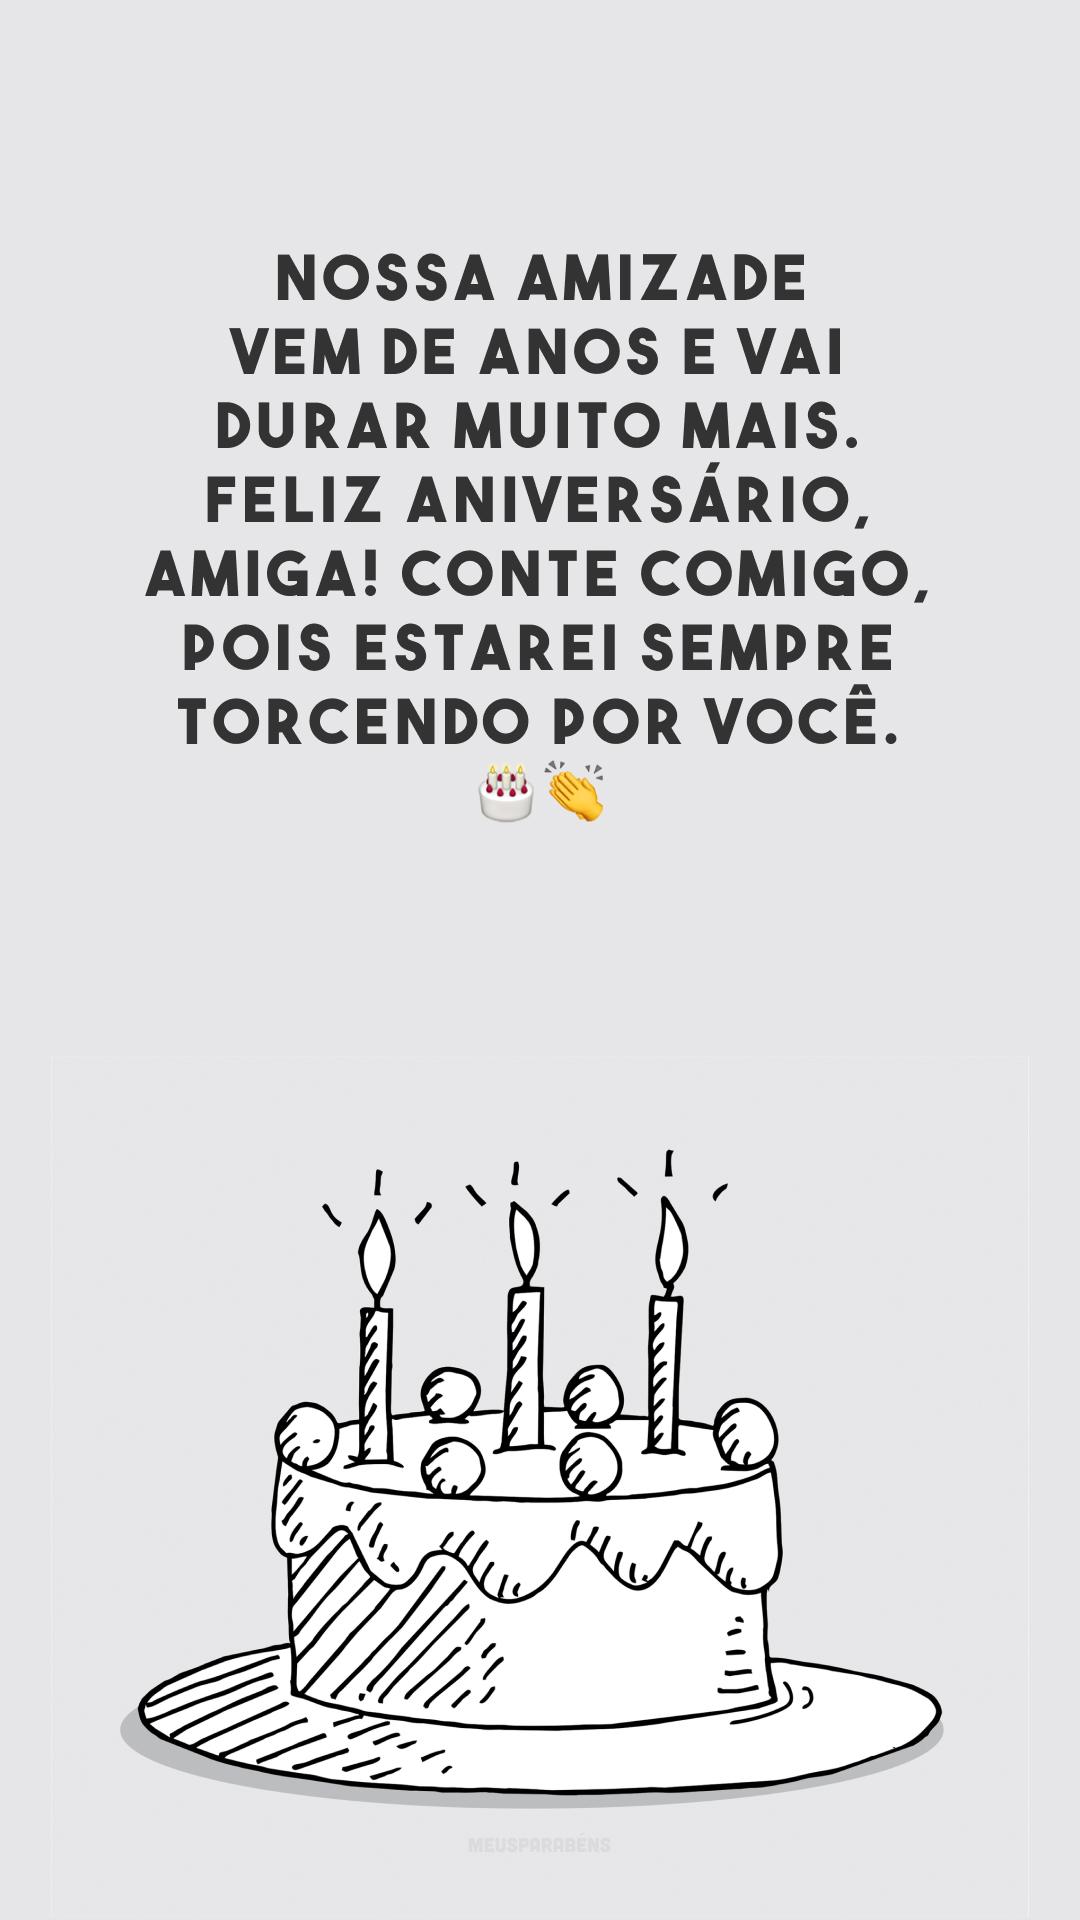 Nossa amizade vem de anos e vai durar muito mais. Feliz aniversário, amiga! Conte comigo, pois estarei sempre torcendo por você. 🎂👏